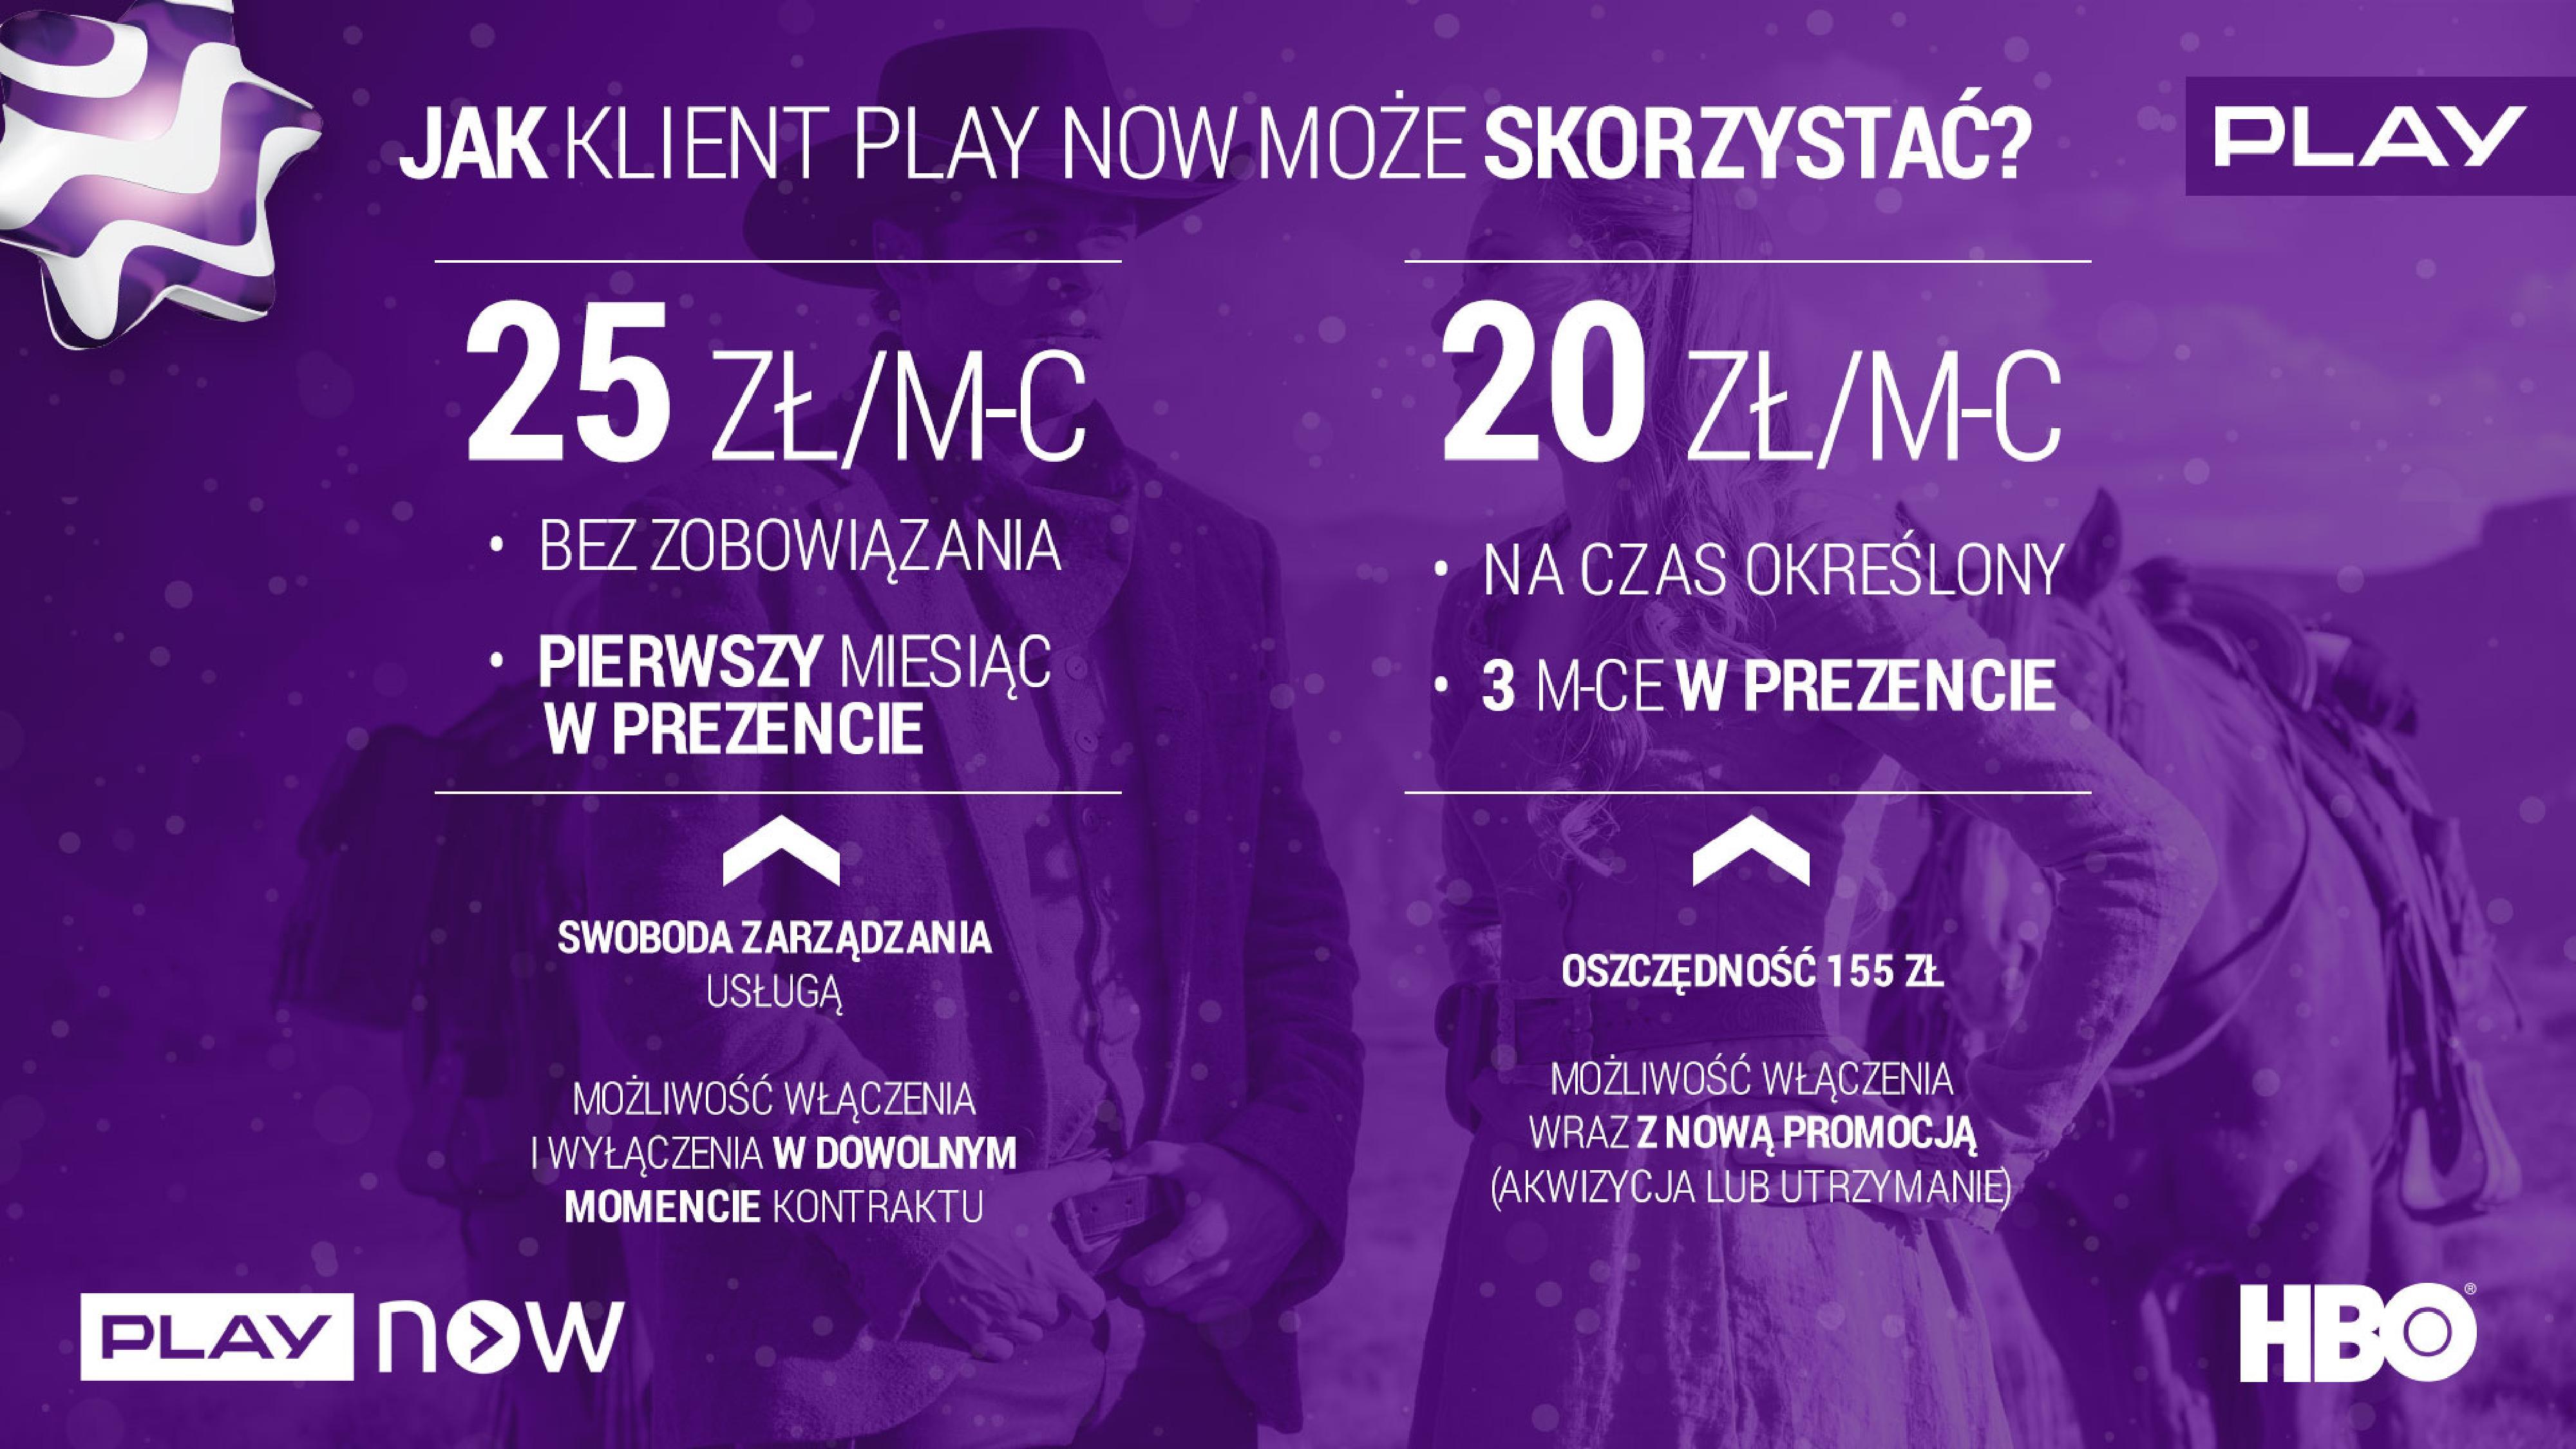 mediarun-hbo-go-play-polsce2